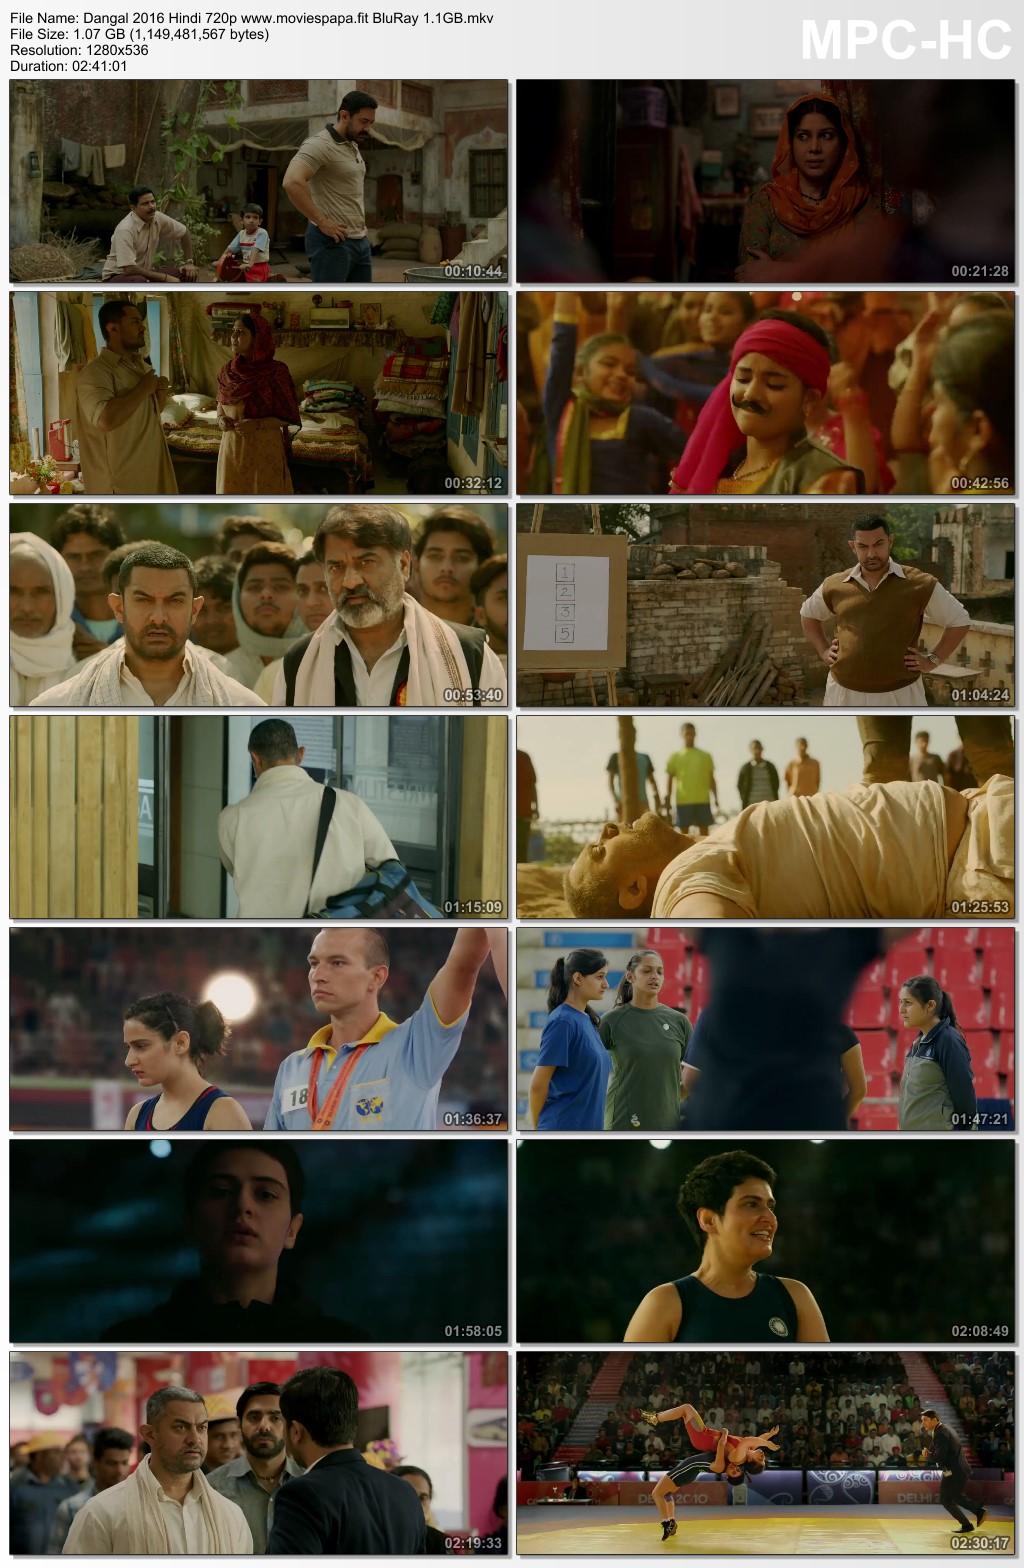 Dangal 2016 Hindi Movie 720p BluRay 1.2GB Download